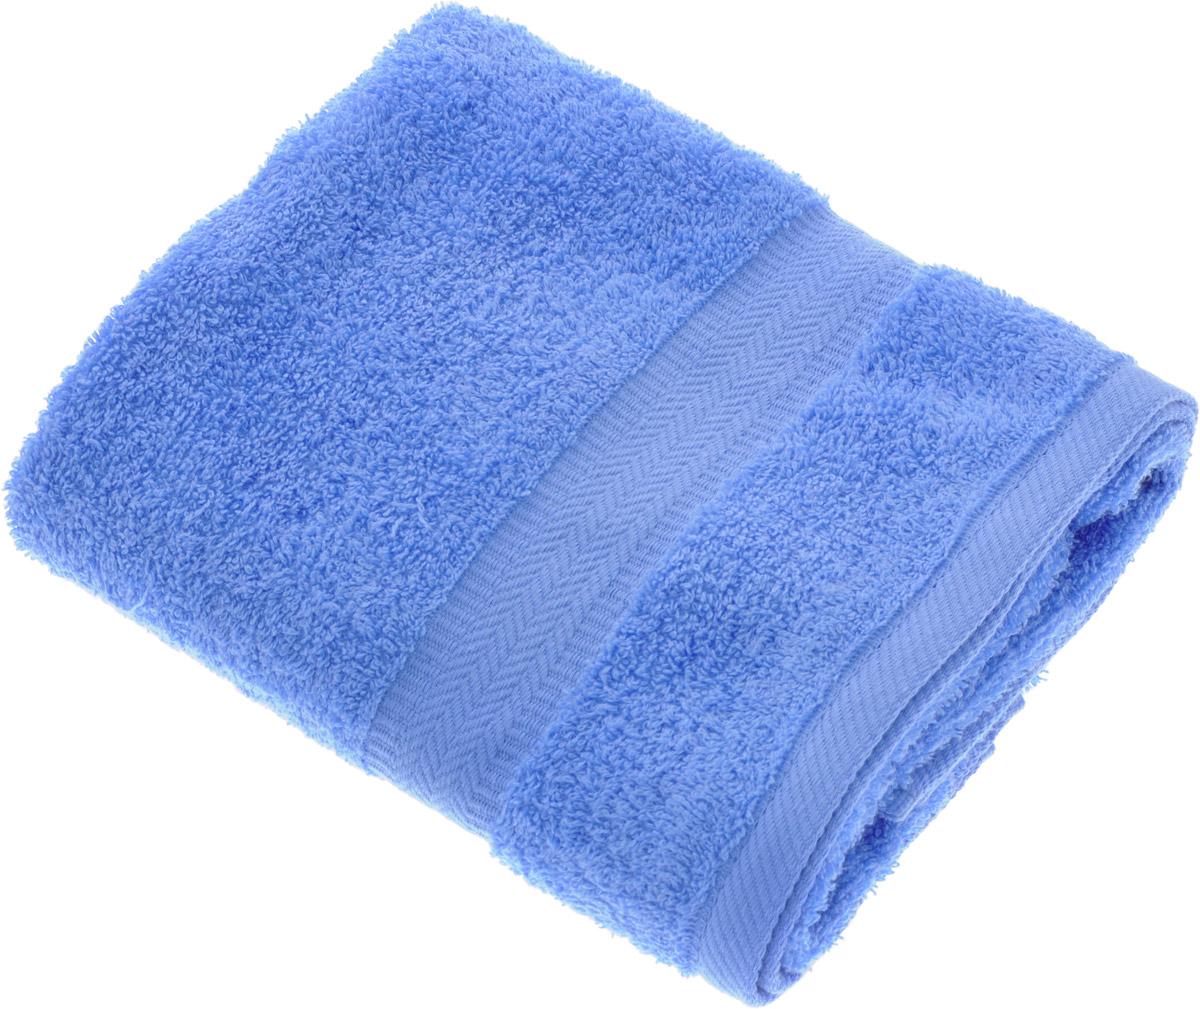 Полотенце Aquarelle Настроение, цвет: синий, 50 х 90 см. 70627168/5/3Полотенце Aquarelle Настроение выполнено из 100% хлопка. Изделие отлично впитывает влагу, быстро сохнет, сохраняет яркость цвета и не теряет форму даже после многократных стирок. Такое полотенце очень практично и неприхотливо в уходе. Оно создаст прекрасное настроение и украсит интерьер в ванной комнате.